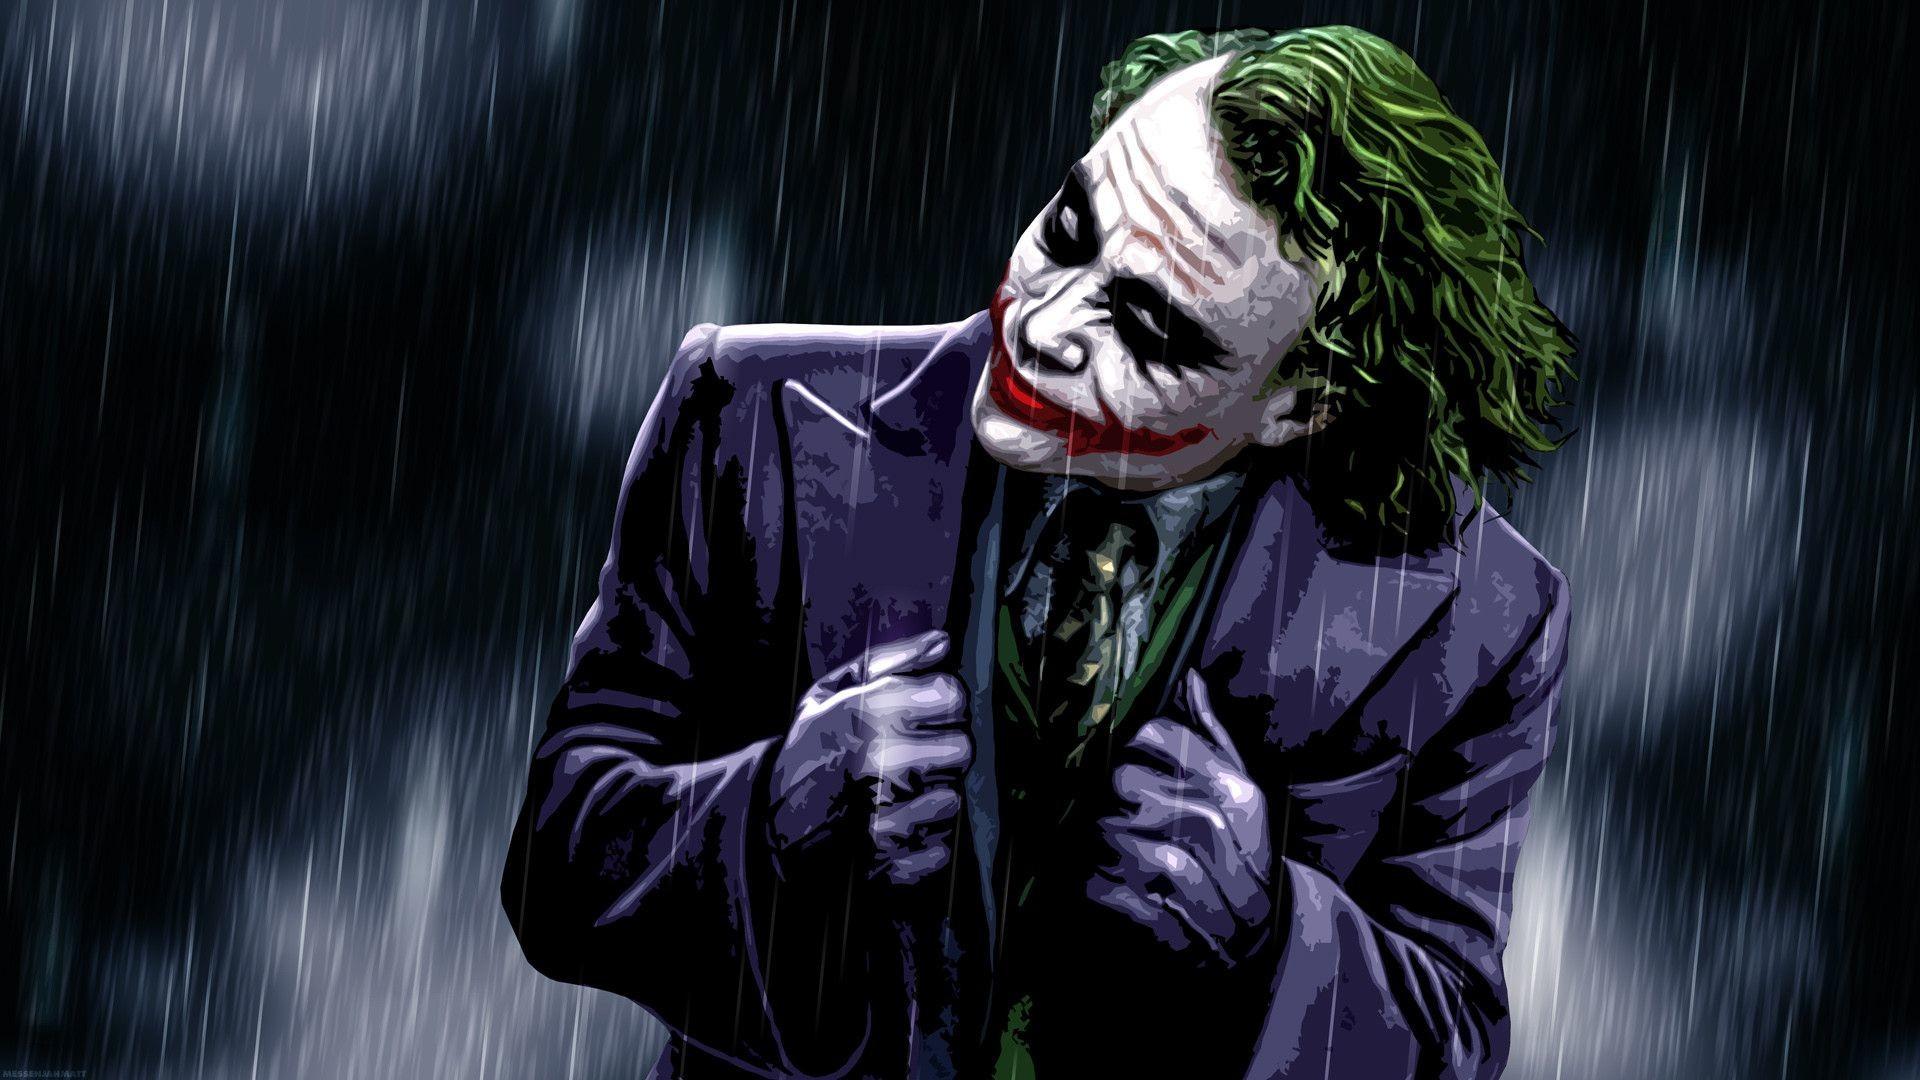 Joker Dark Knight Wallpapers – Wallpaper Cave